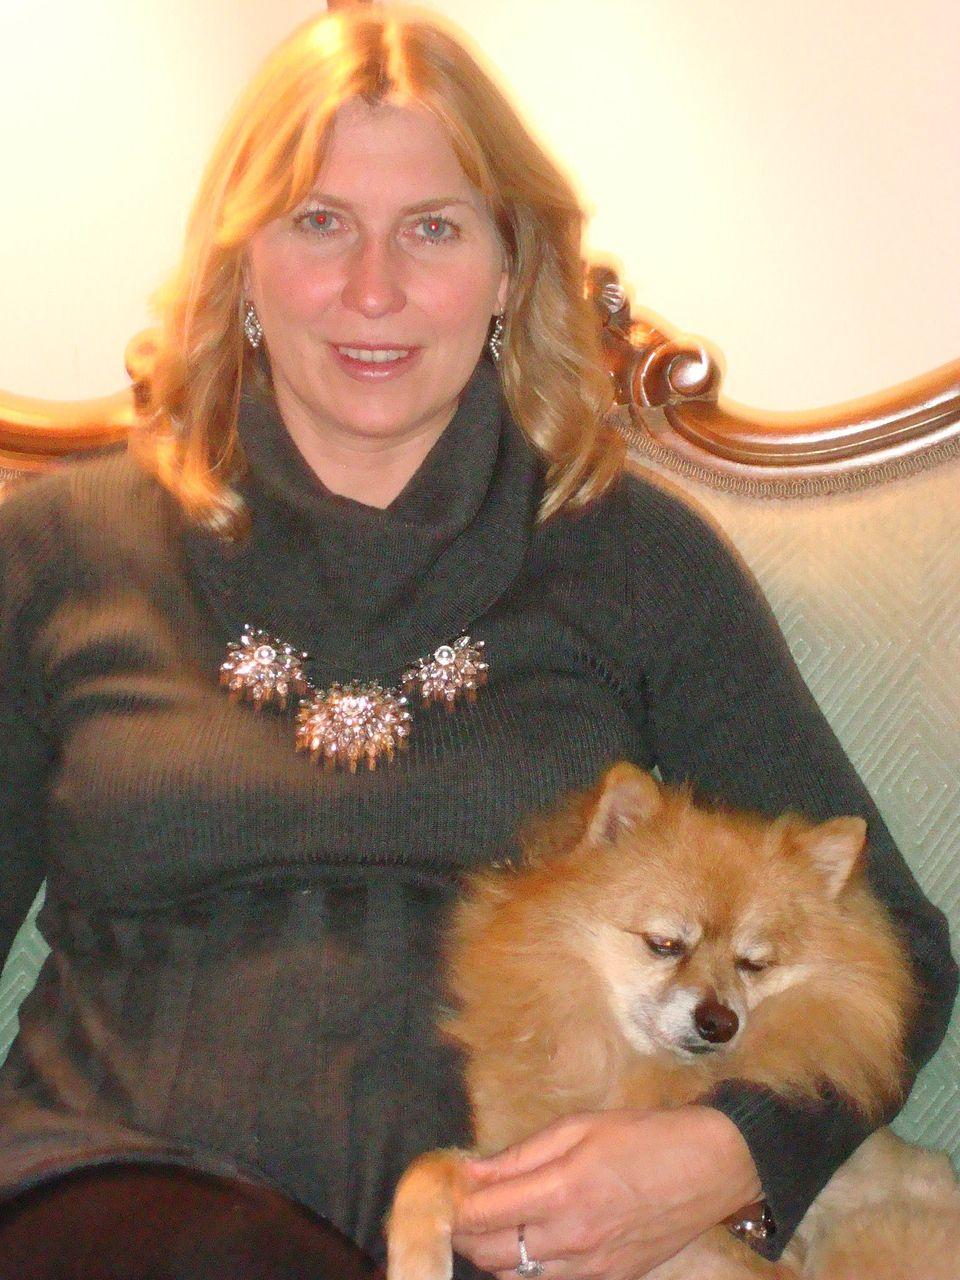 Heidi Kleis on Christmas in 2011.